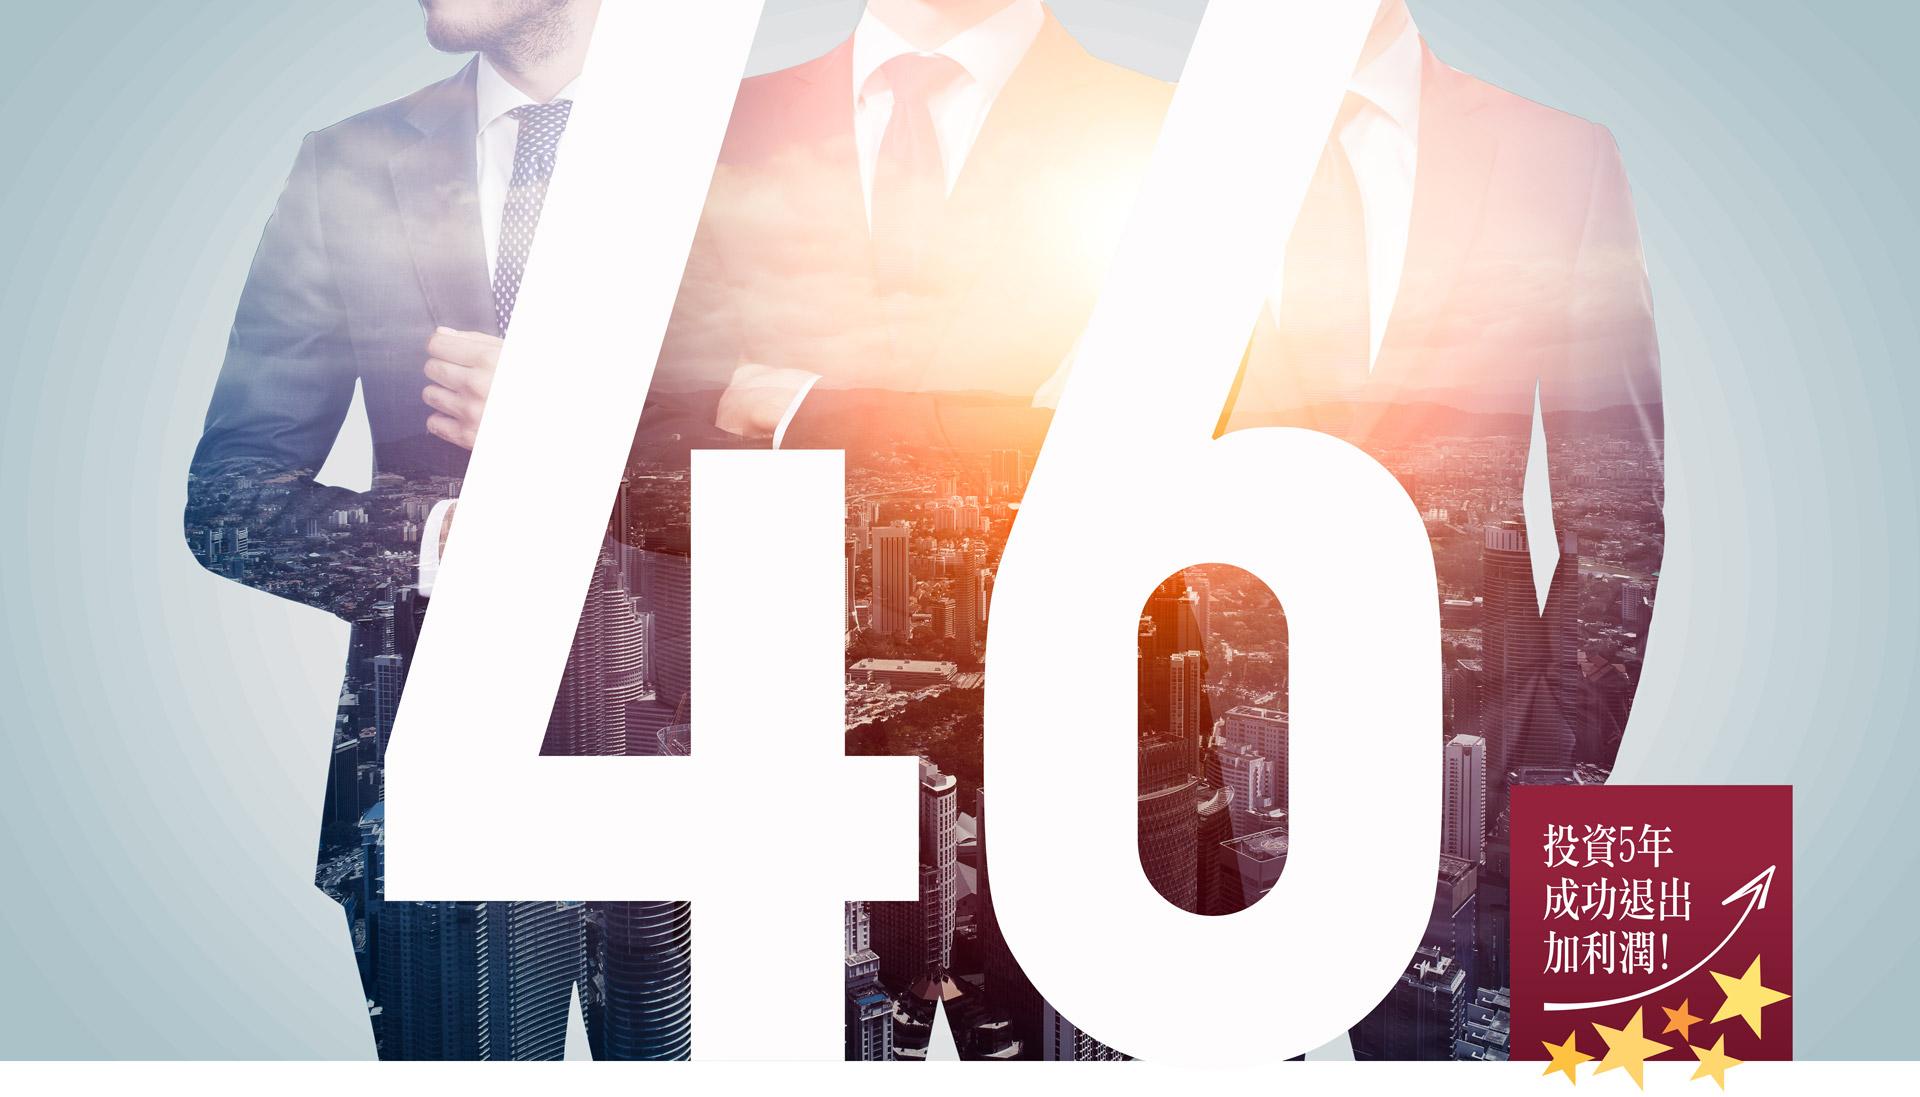 YK第46位投資人移民成功並收回投資